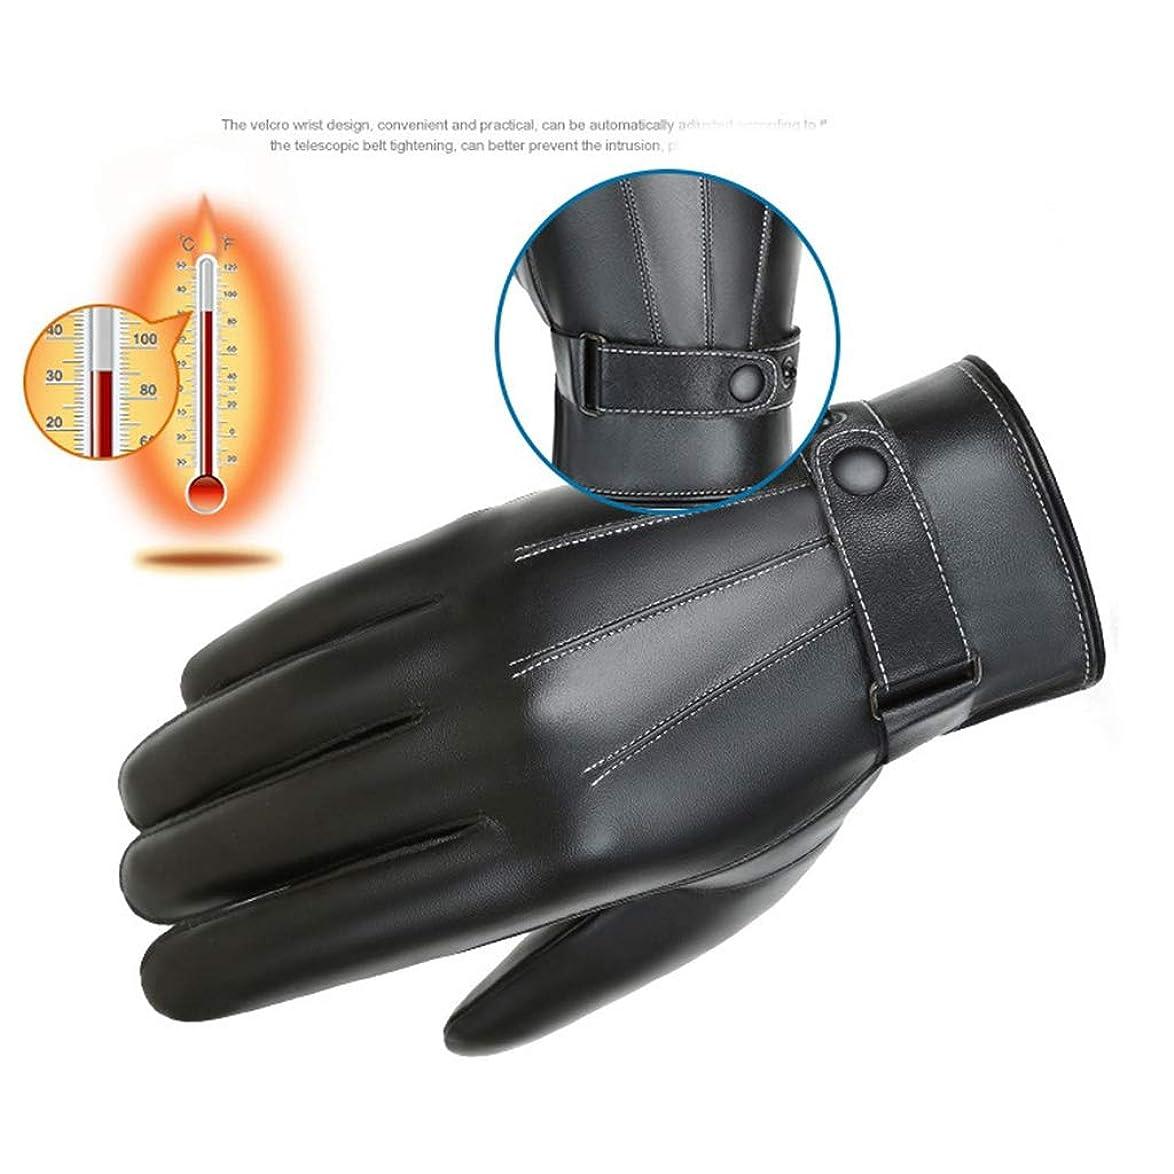 脚本カスケードウガンダタッチスクリーンのメンズグローブ冬プラスベルベット厚い暖かい防風防水ライドバイクバイクの乗り物の手袋